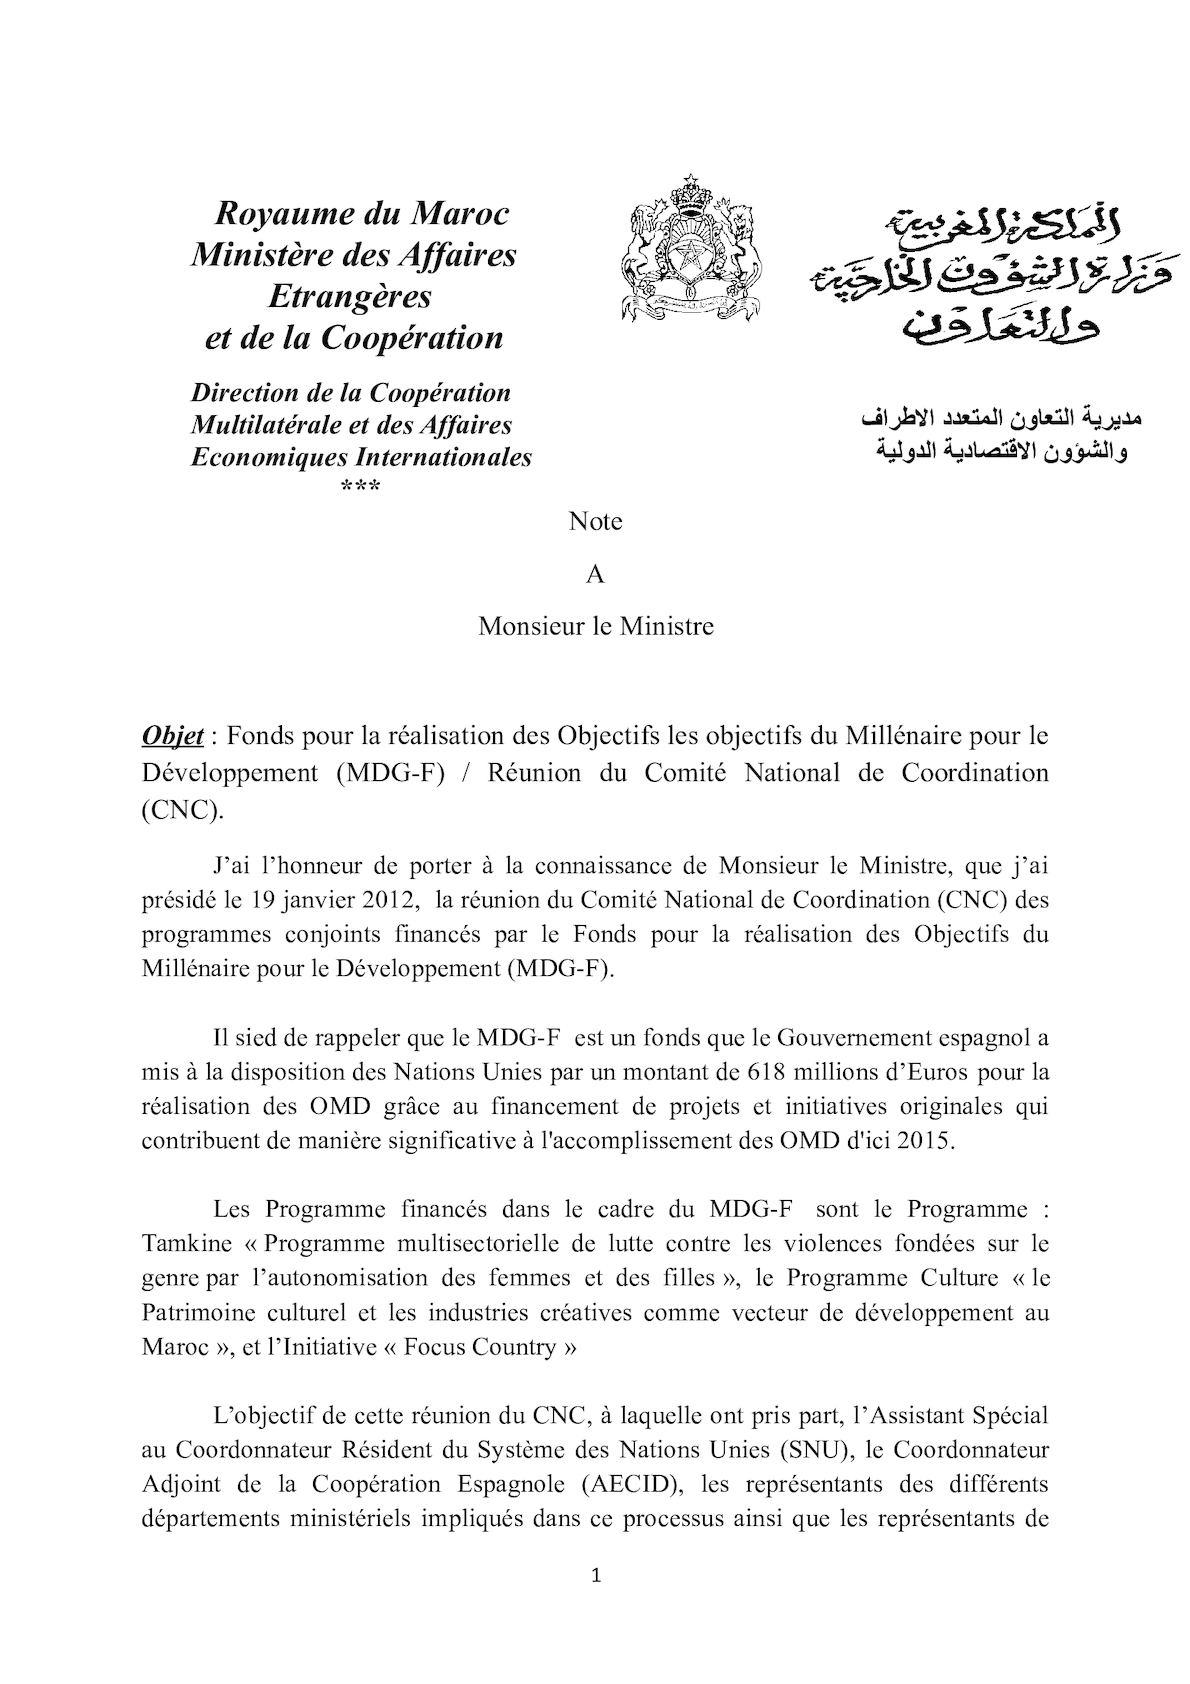 CNC. Note à M. Le Minitre (réunion Du 19 Janvier 2012) (2).